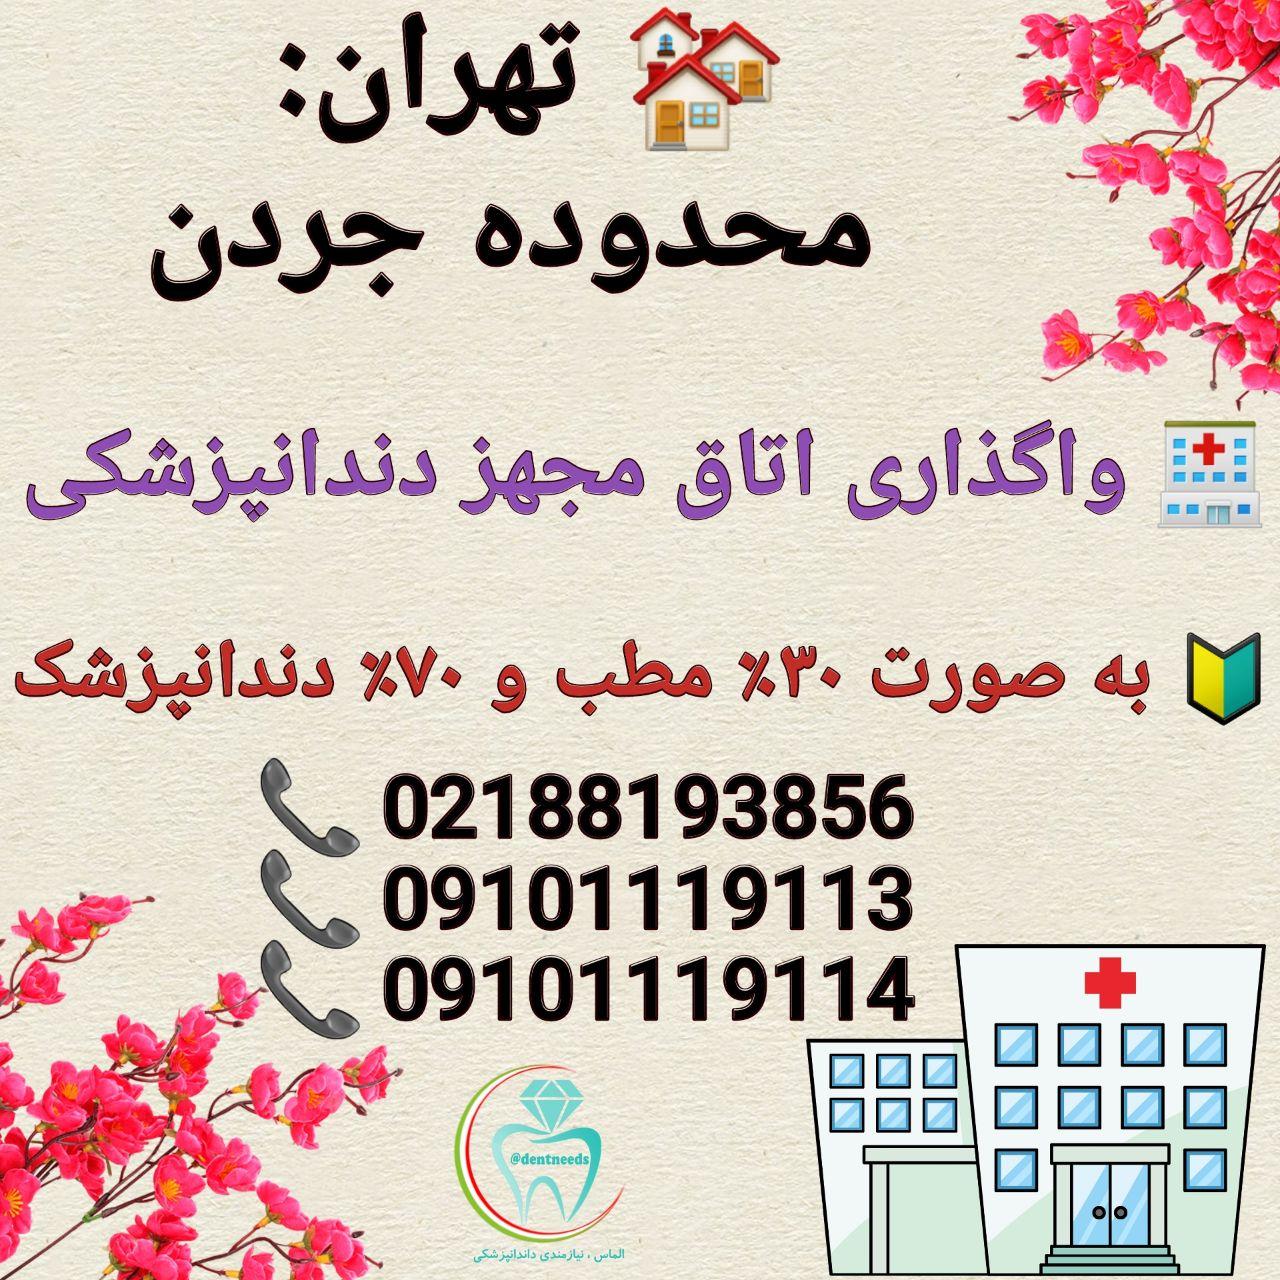 تهران: محدوده جردن، واگذاری اتاق مجهز دندانپزشک